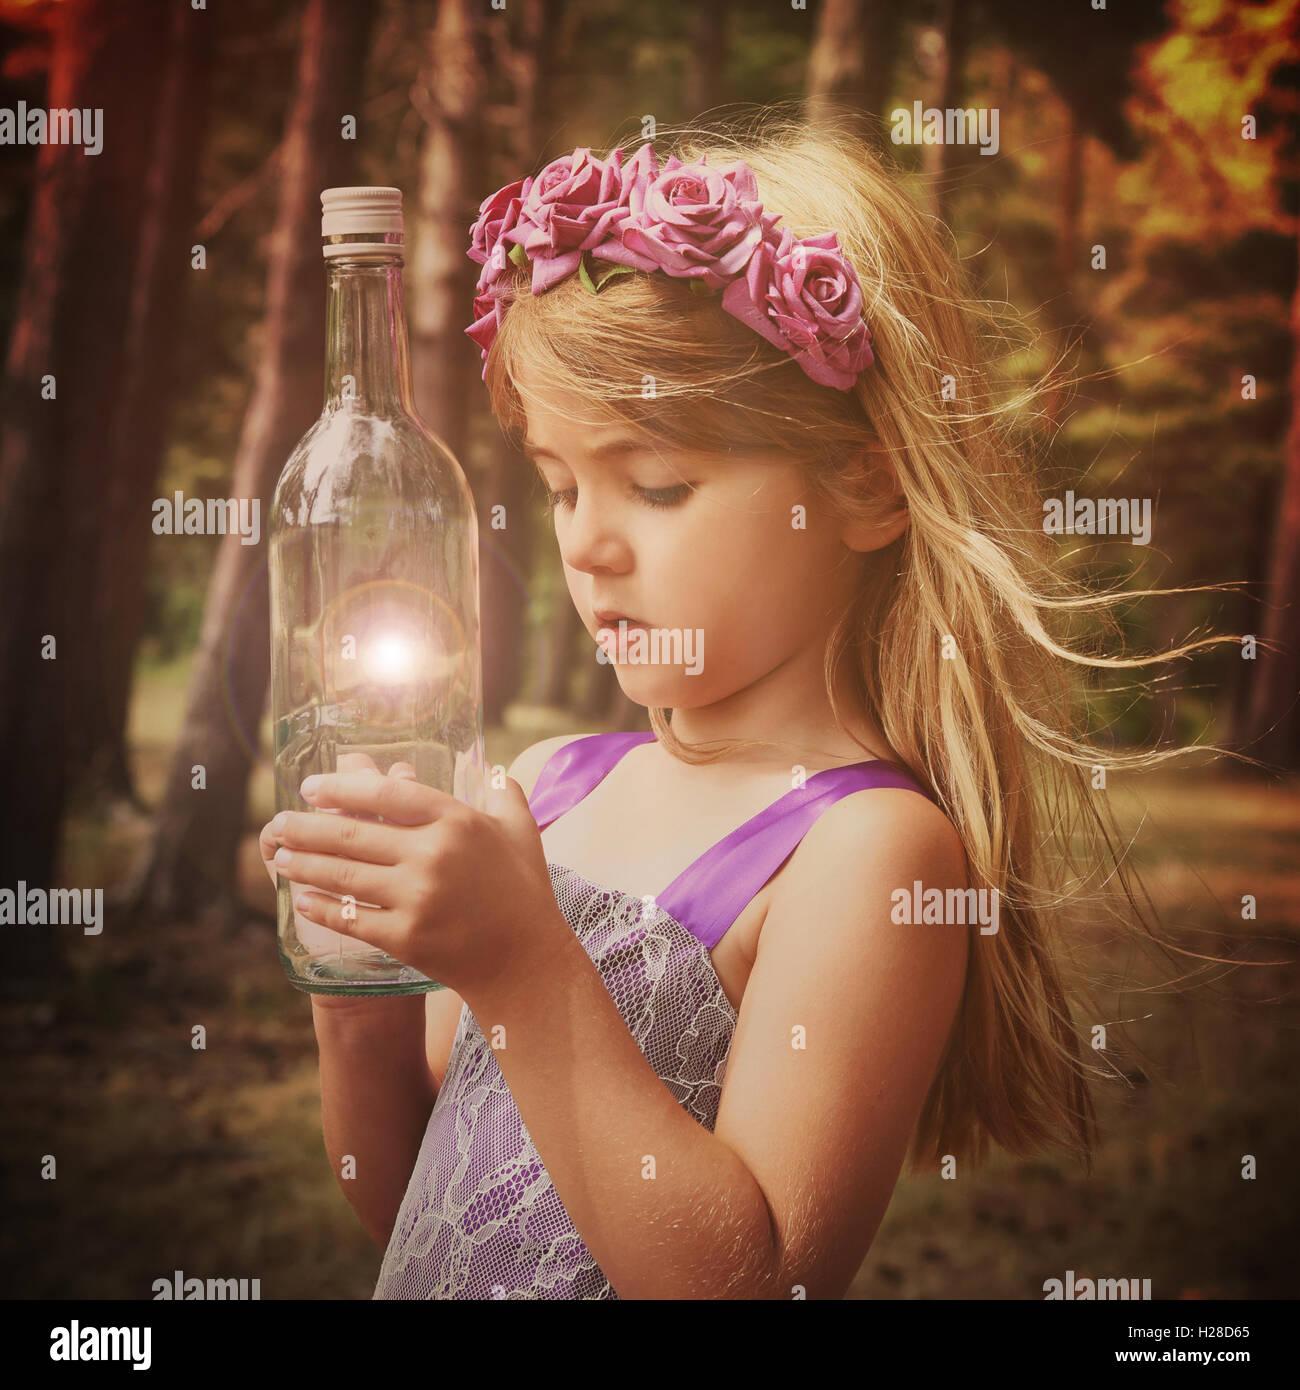 Un poco fairy chica está en el bosque con mirar una botella mágica para un concepto de fantasía o Imagen De Stock